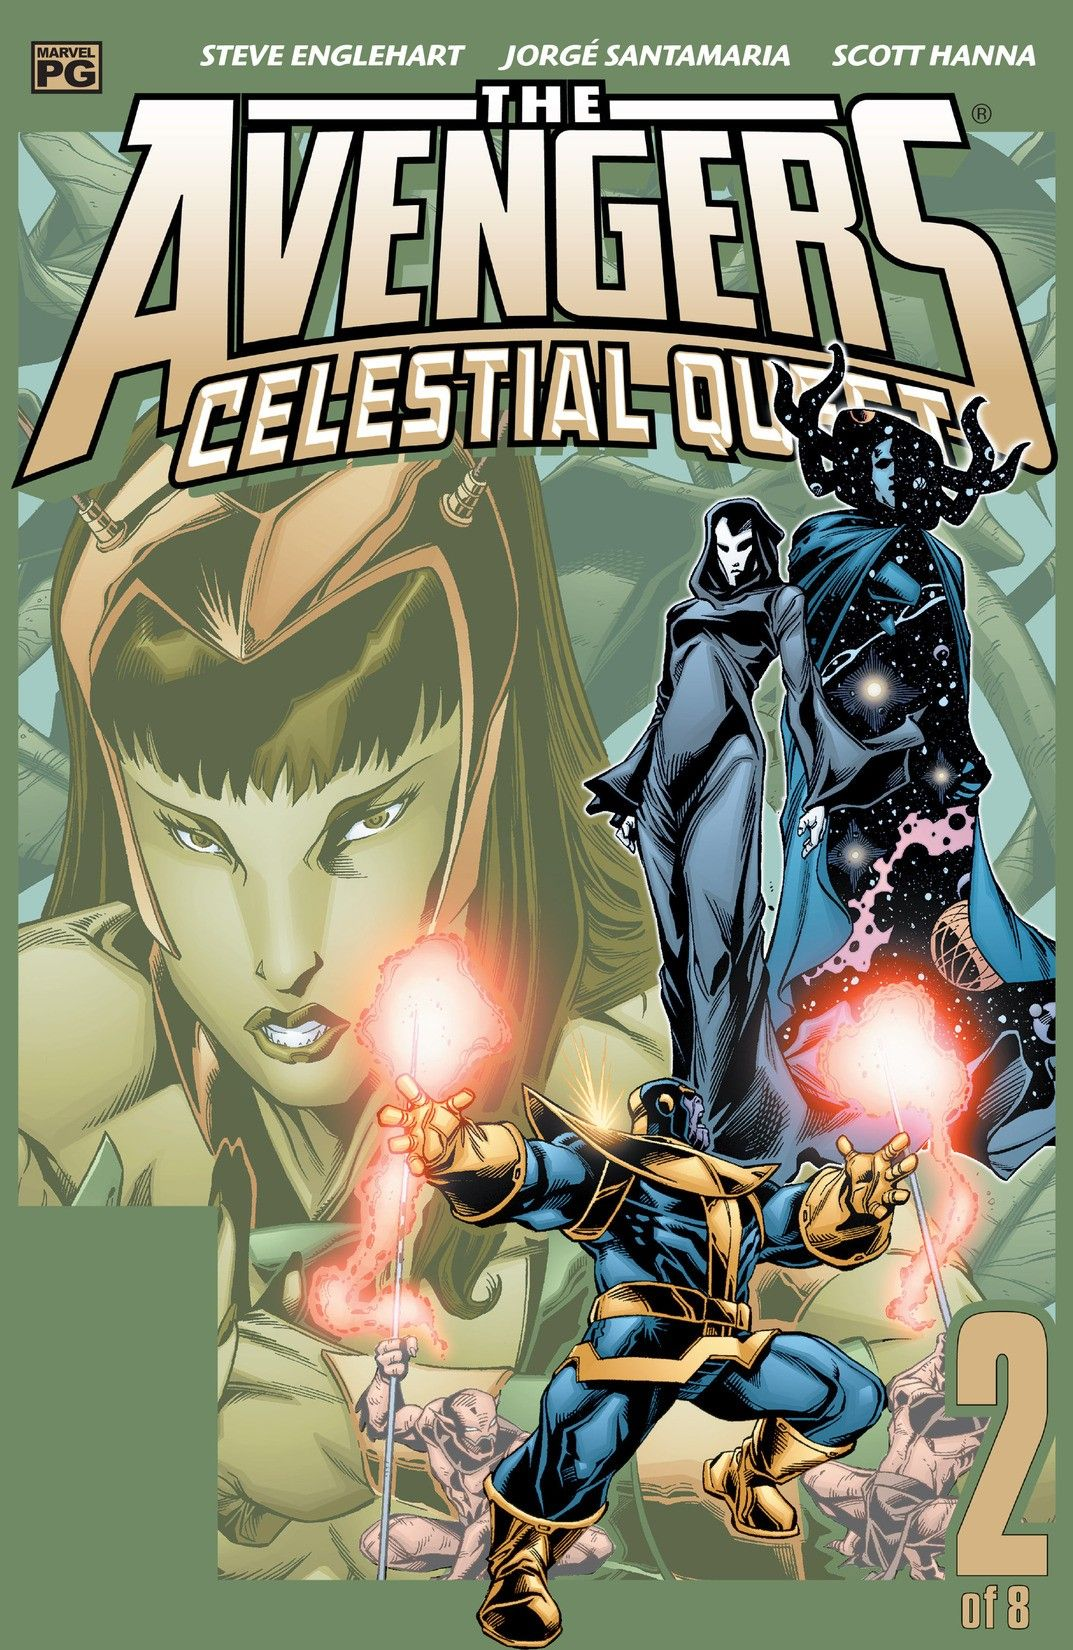 Avengers: Celestial Quest Vol 1 2